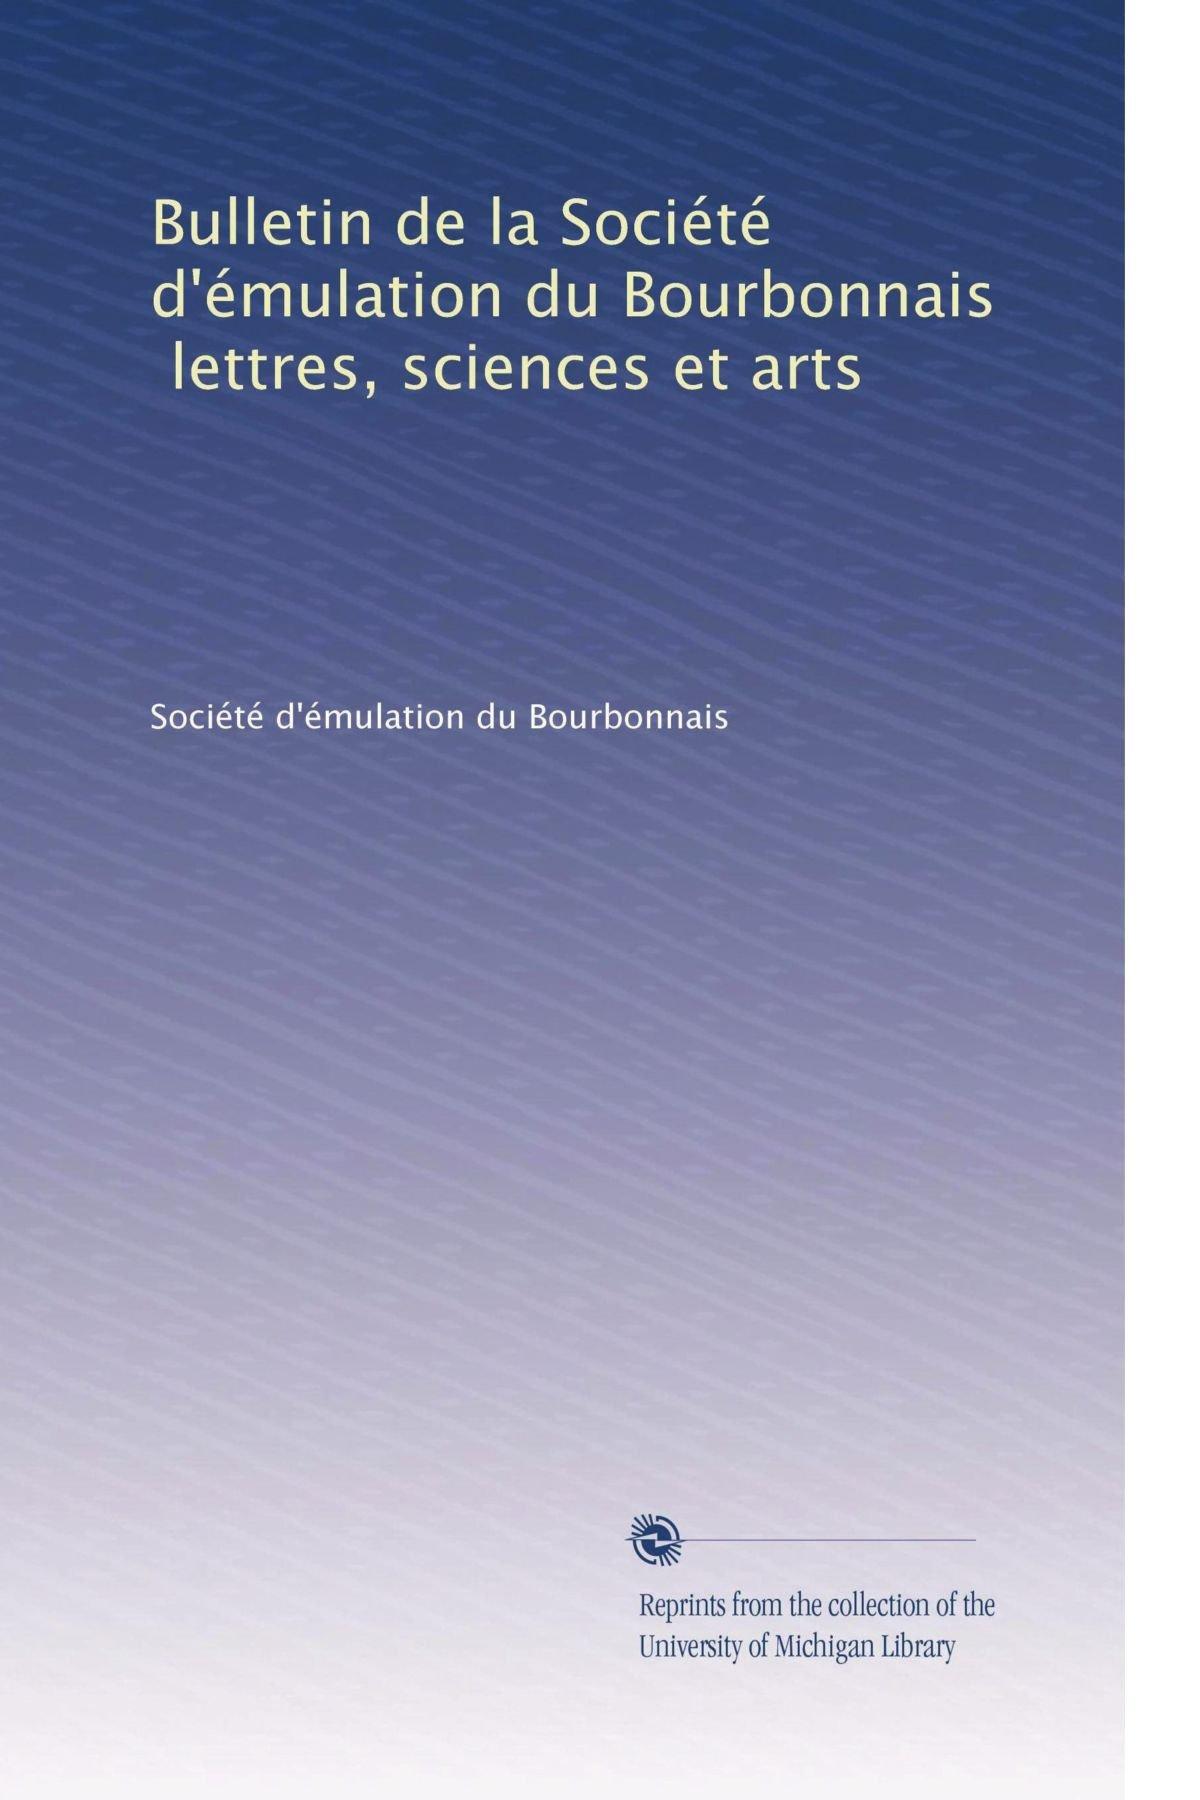 Bulletin de la Société d'émulation du Bourbonnais, lettres, sciences et arts (Volume 33) (French Edition) pdf